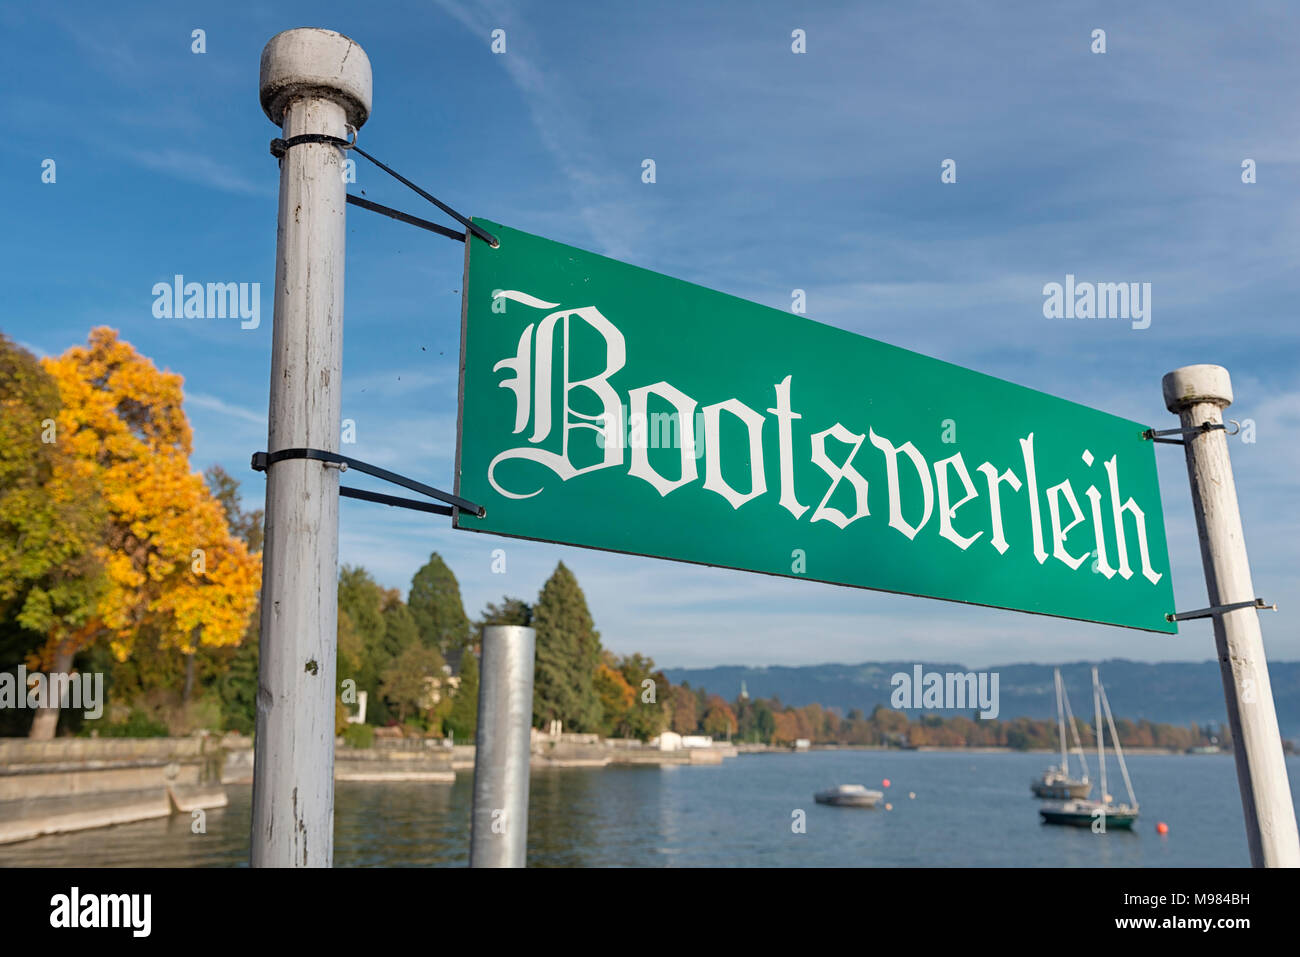 Deutschland, Bayern, Bad Schachen, Schild Bootsverleih - Stock Image